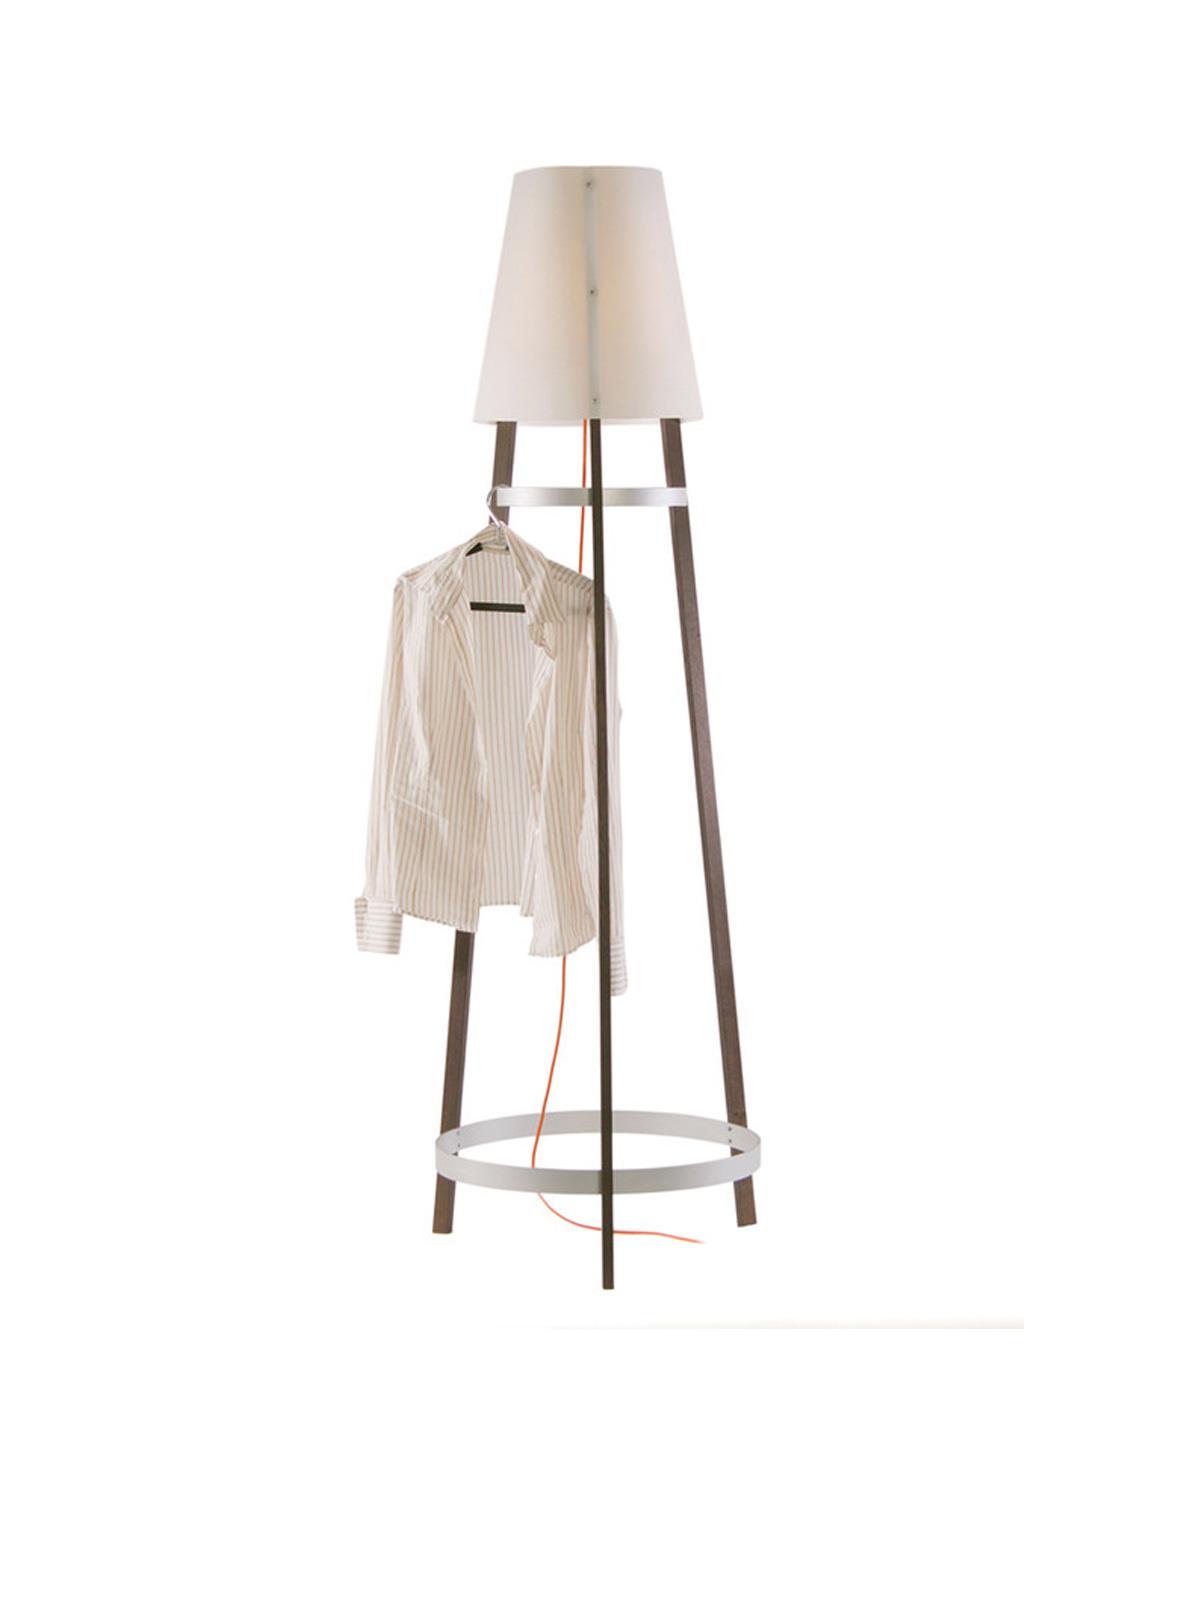 wai ting maron-öl Stehlampe Garderobe Domus Licht DesignOrt Berlin Leuchten